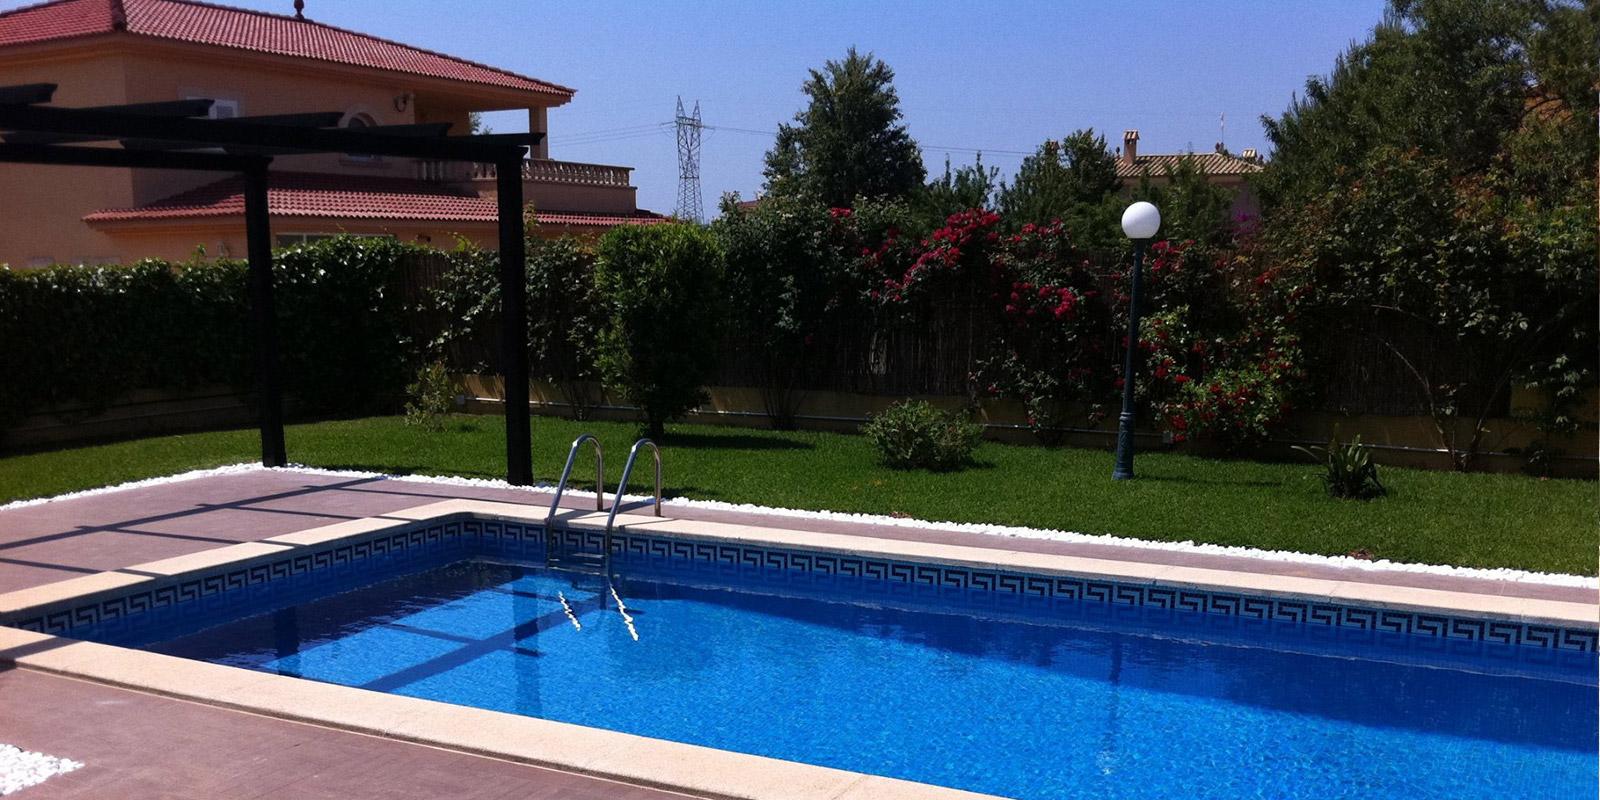 construcci n de piscinas en mallorca construcciones calvo On construccion de piscinas en mallorca